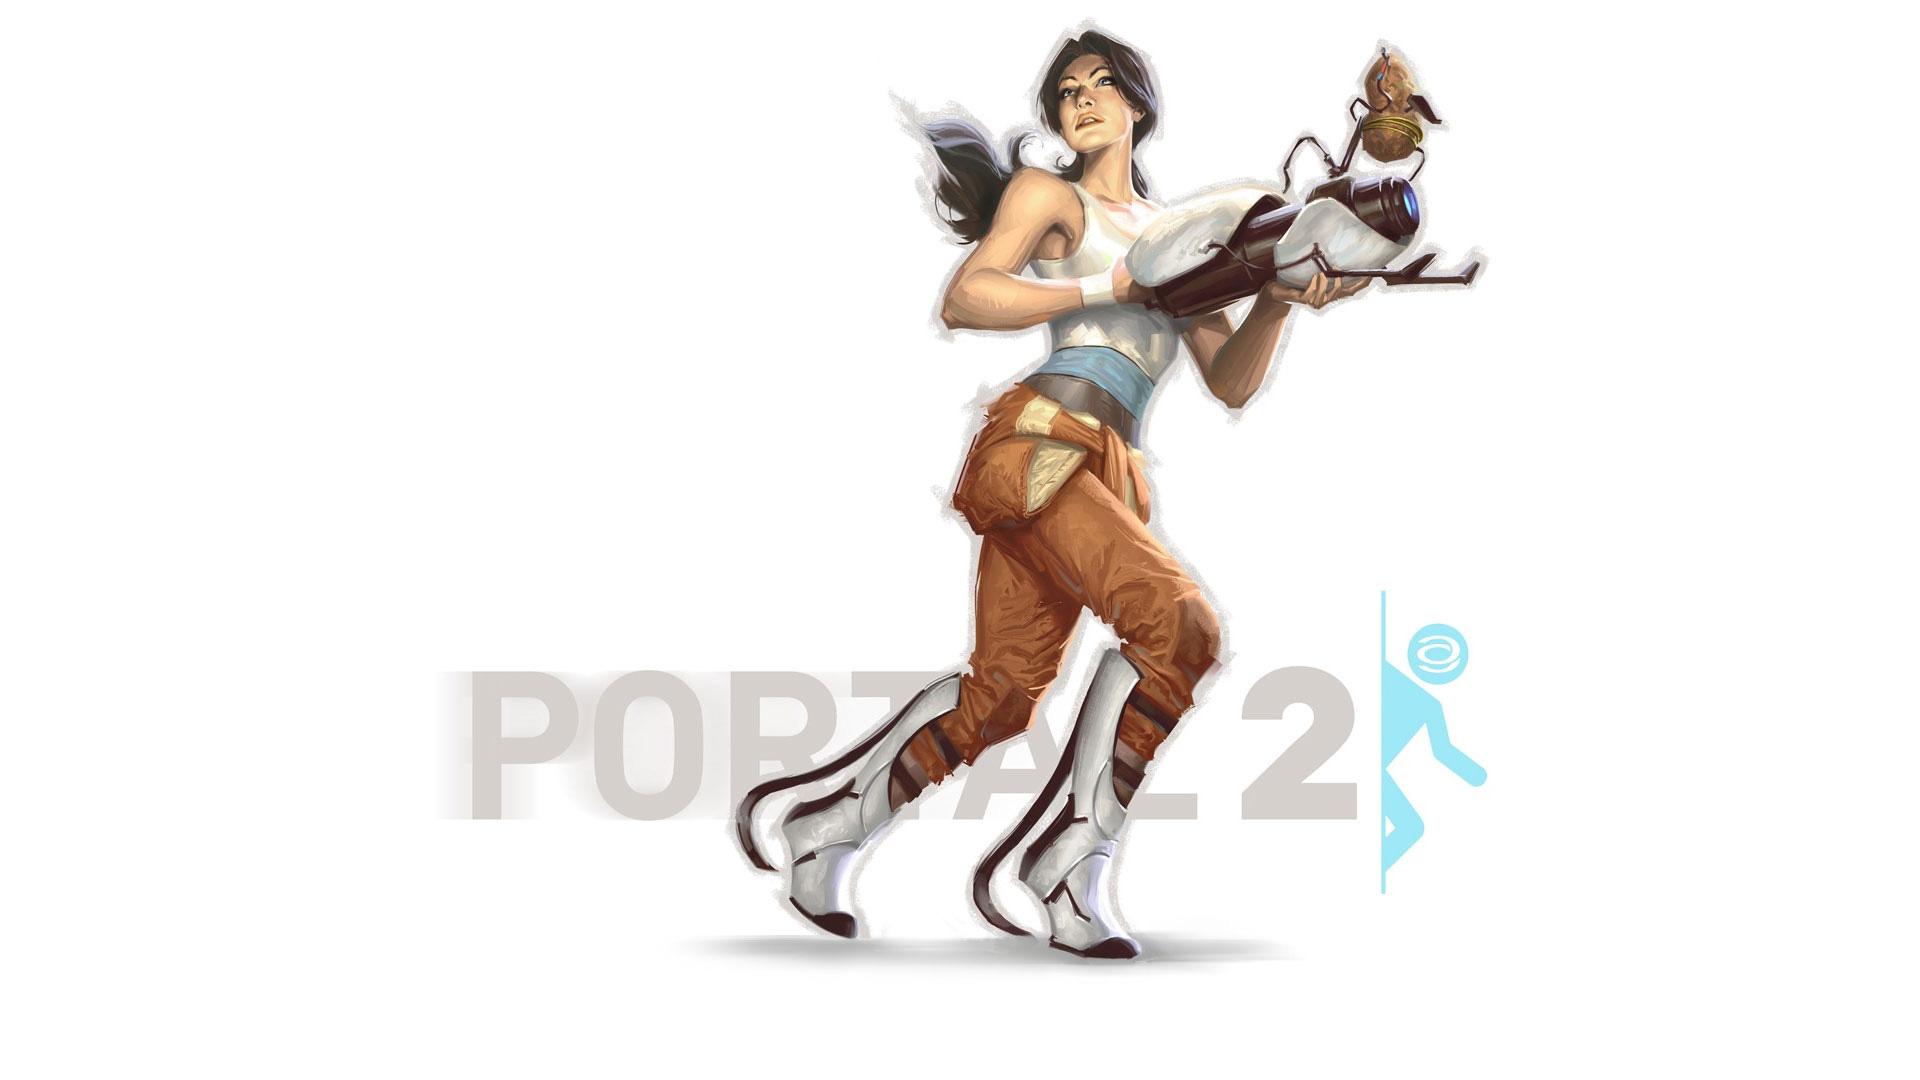 Portal 2 wallpaper 13